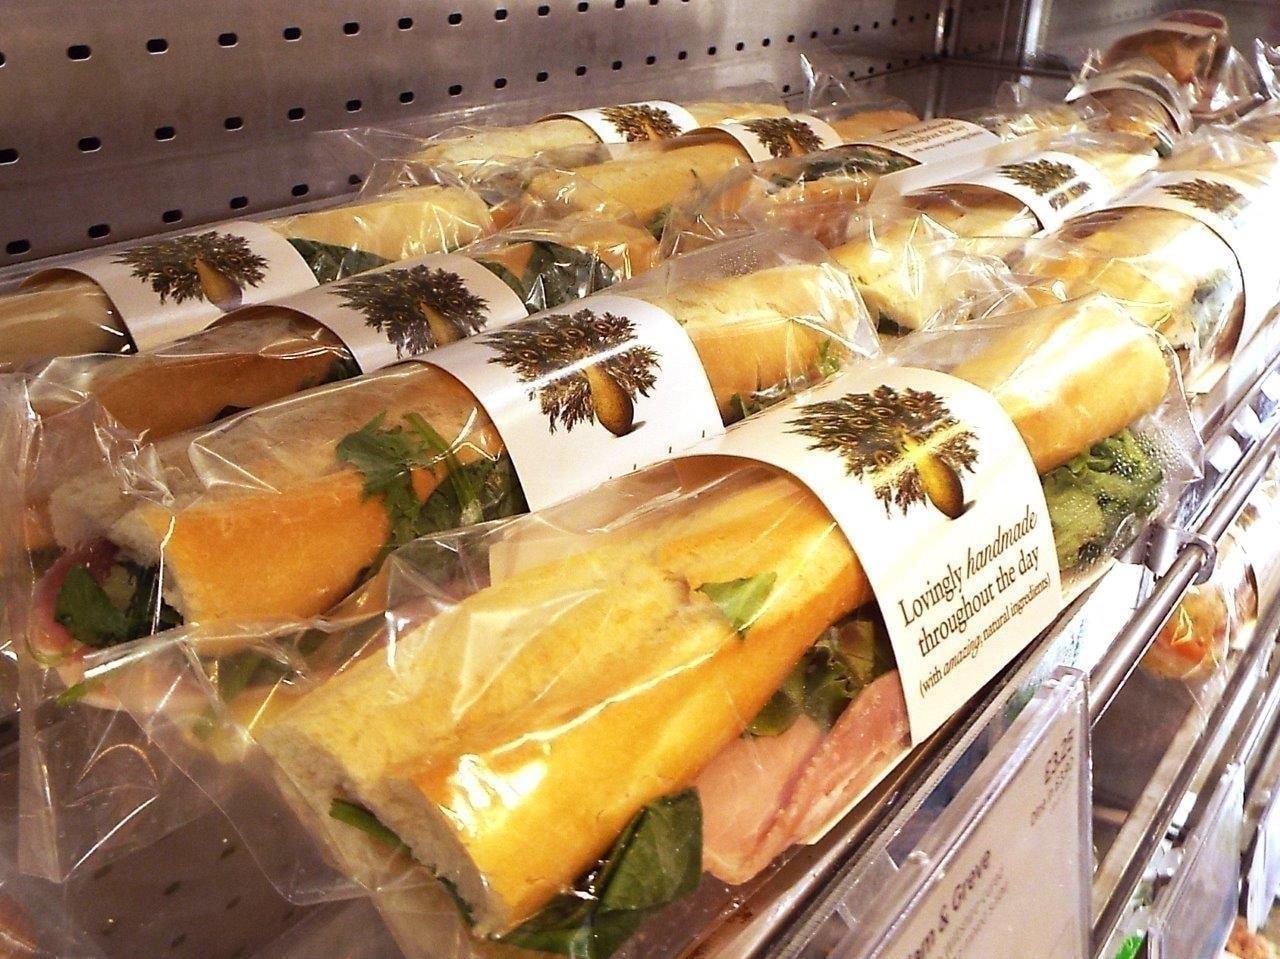 PRET - CLASSIC SUPER SUB SANDWICH